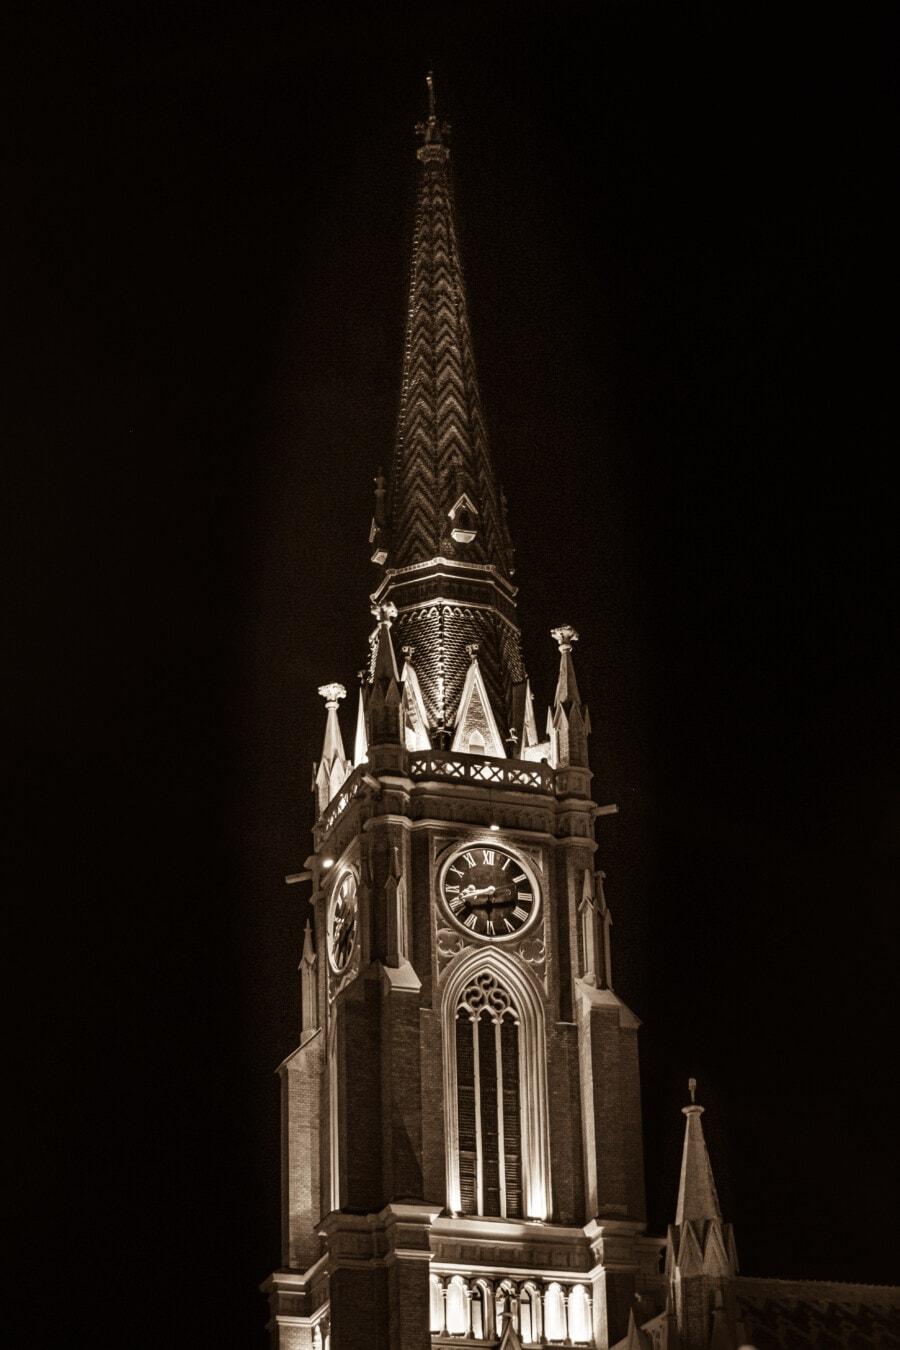 sépia, steeple, nuit, cathédrale, église, catholique, style architectural, gothique, point de repère, architecture